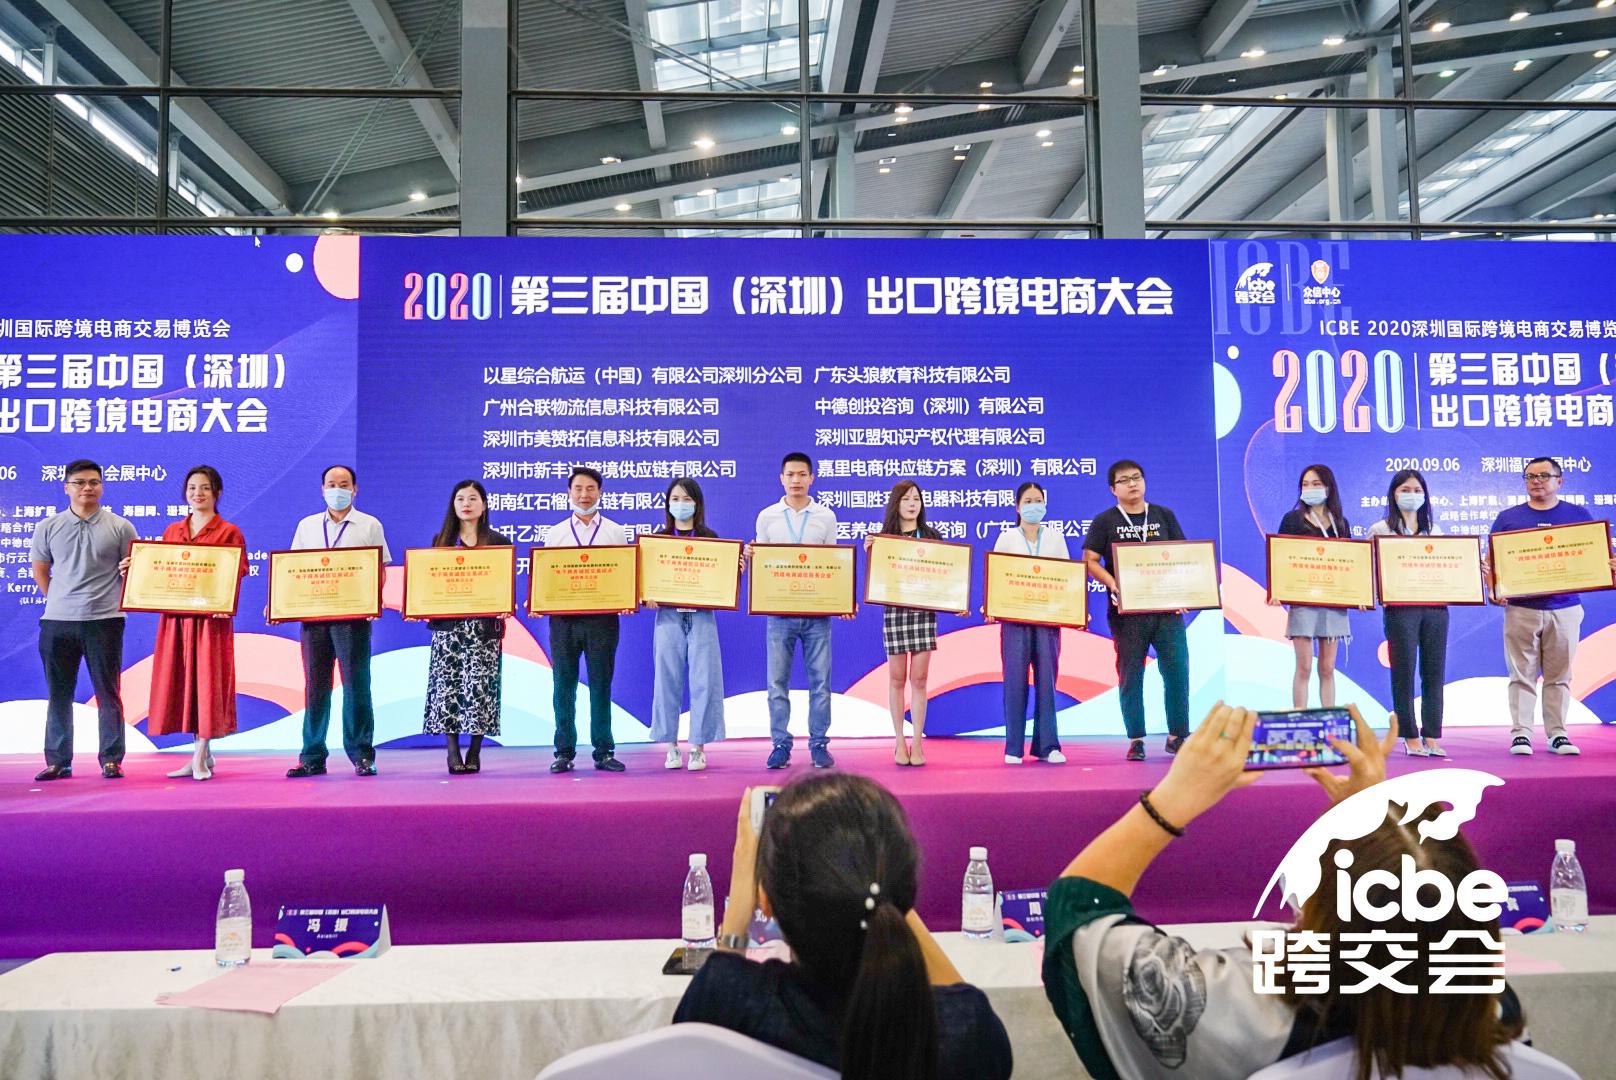 2020第三届中国(深圳)出口跨境电商大会.jpg